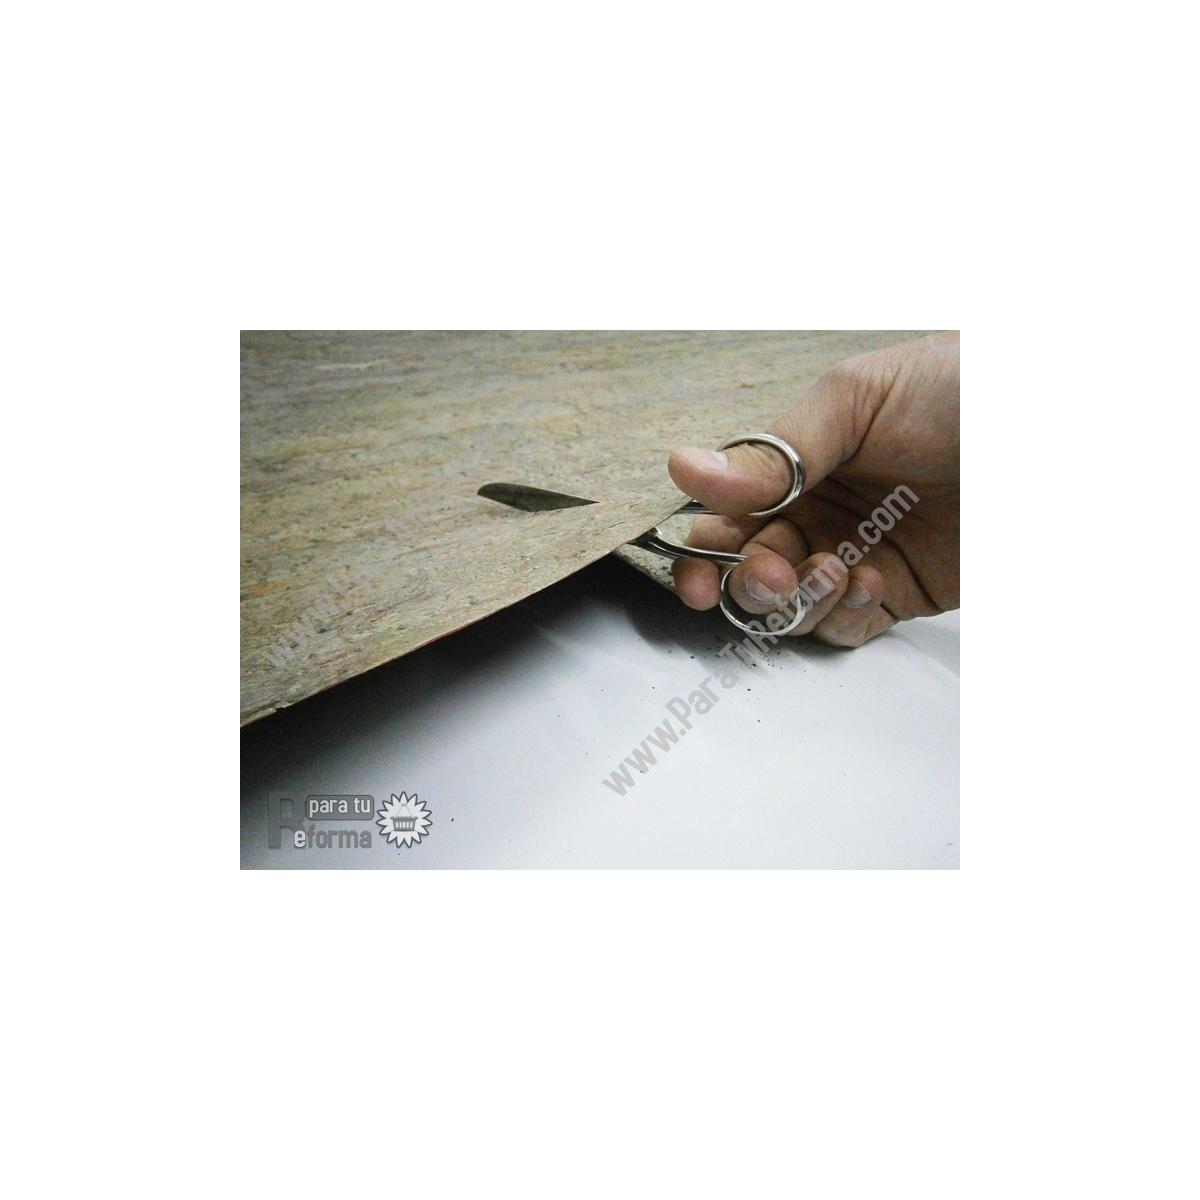 Pizarra natural flexible FS6007 / FT3007 (ud) - Revestimiento con Pizarra natural flexible